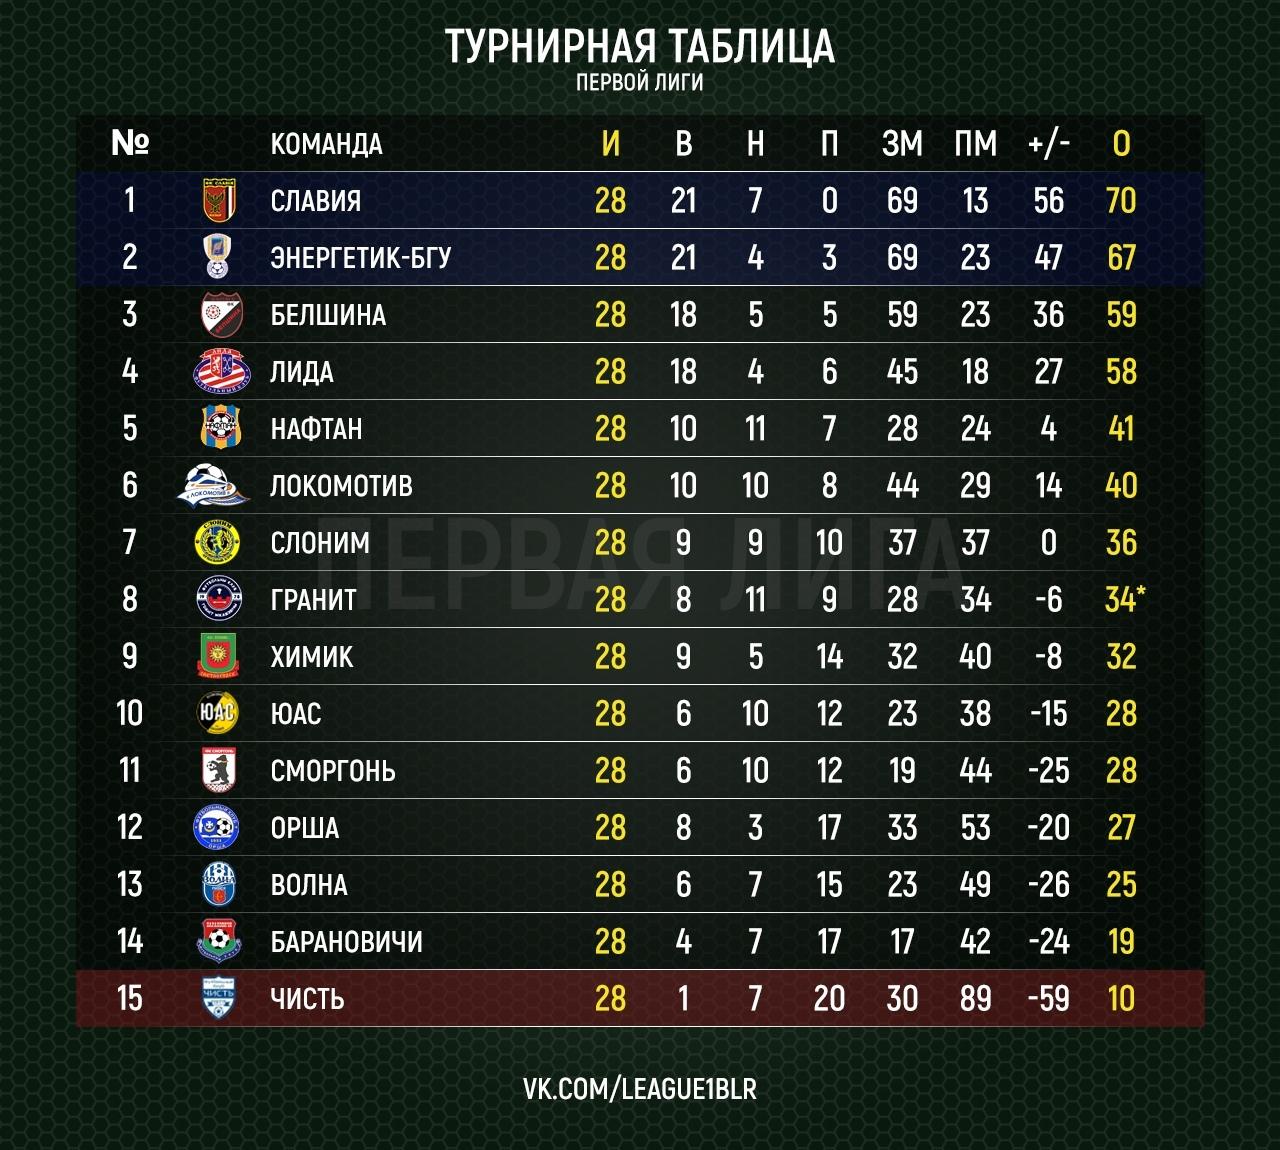 Итоговая турнирная таблица первой лиги 2018. Изображение: https://vk.com/belarus_league2